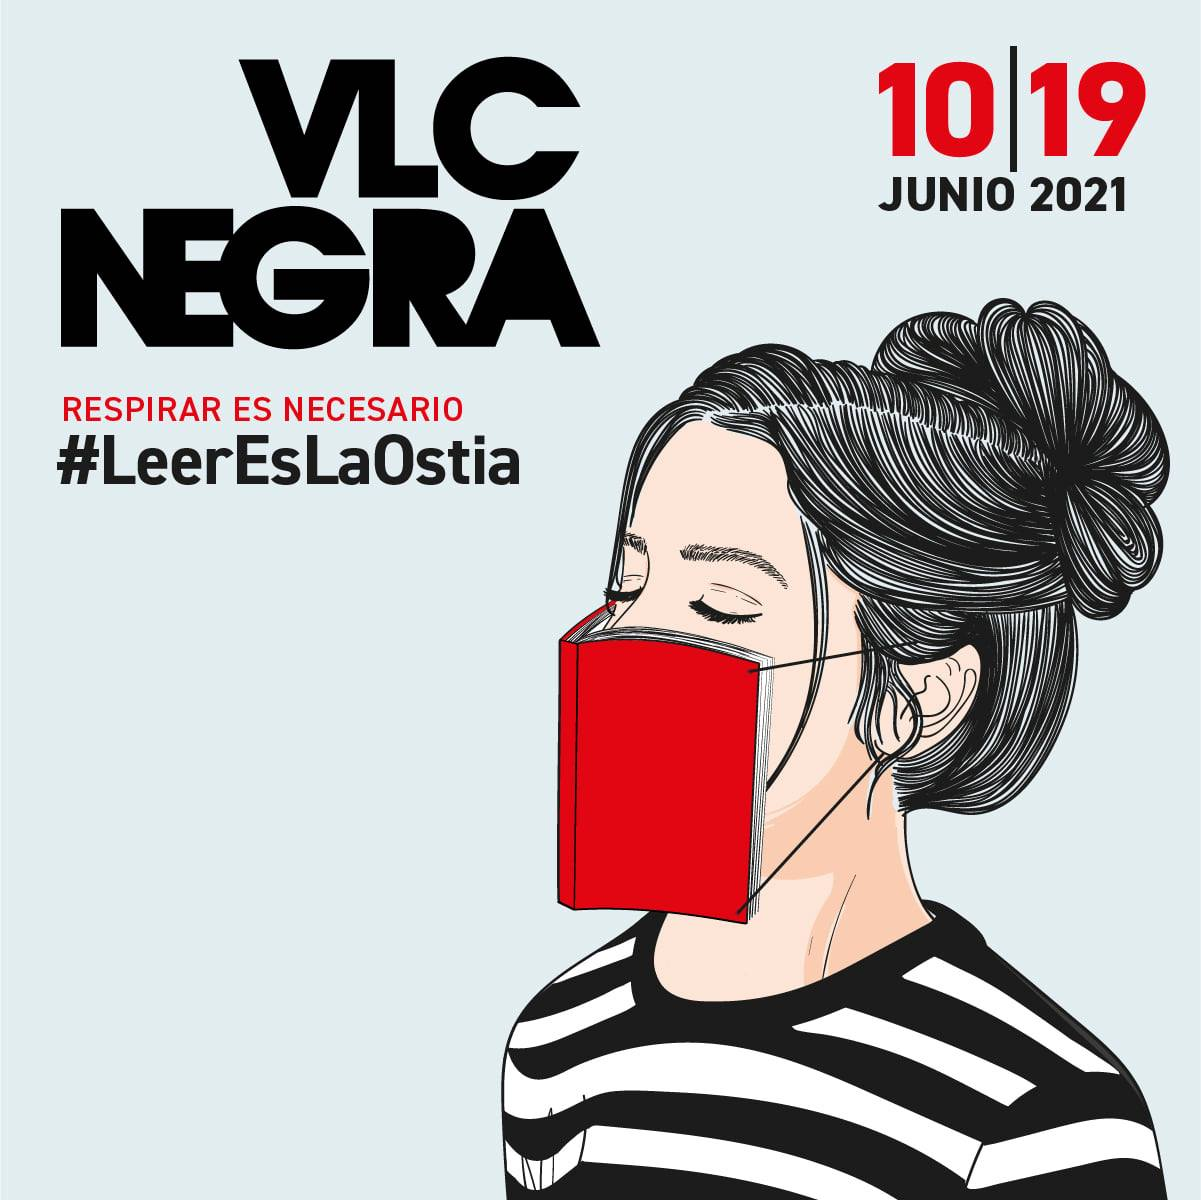 VlC negra